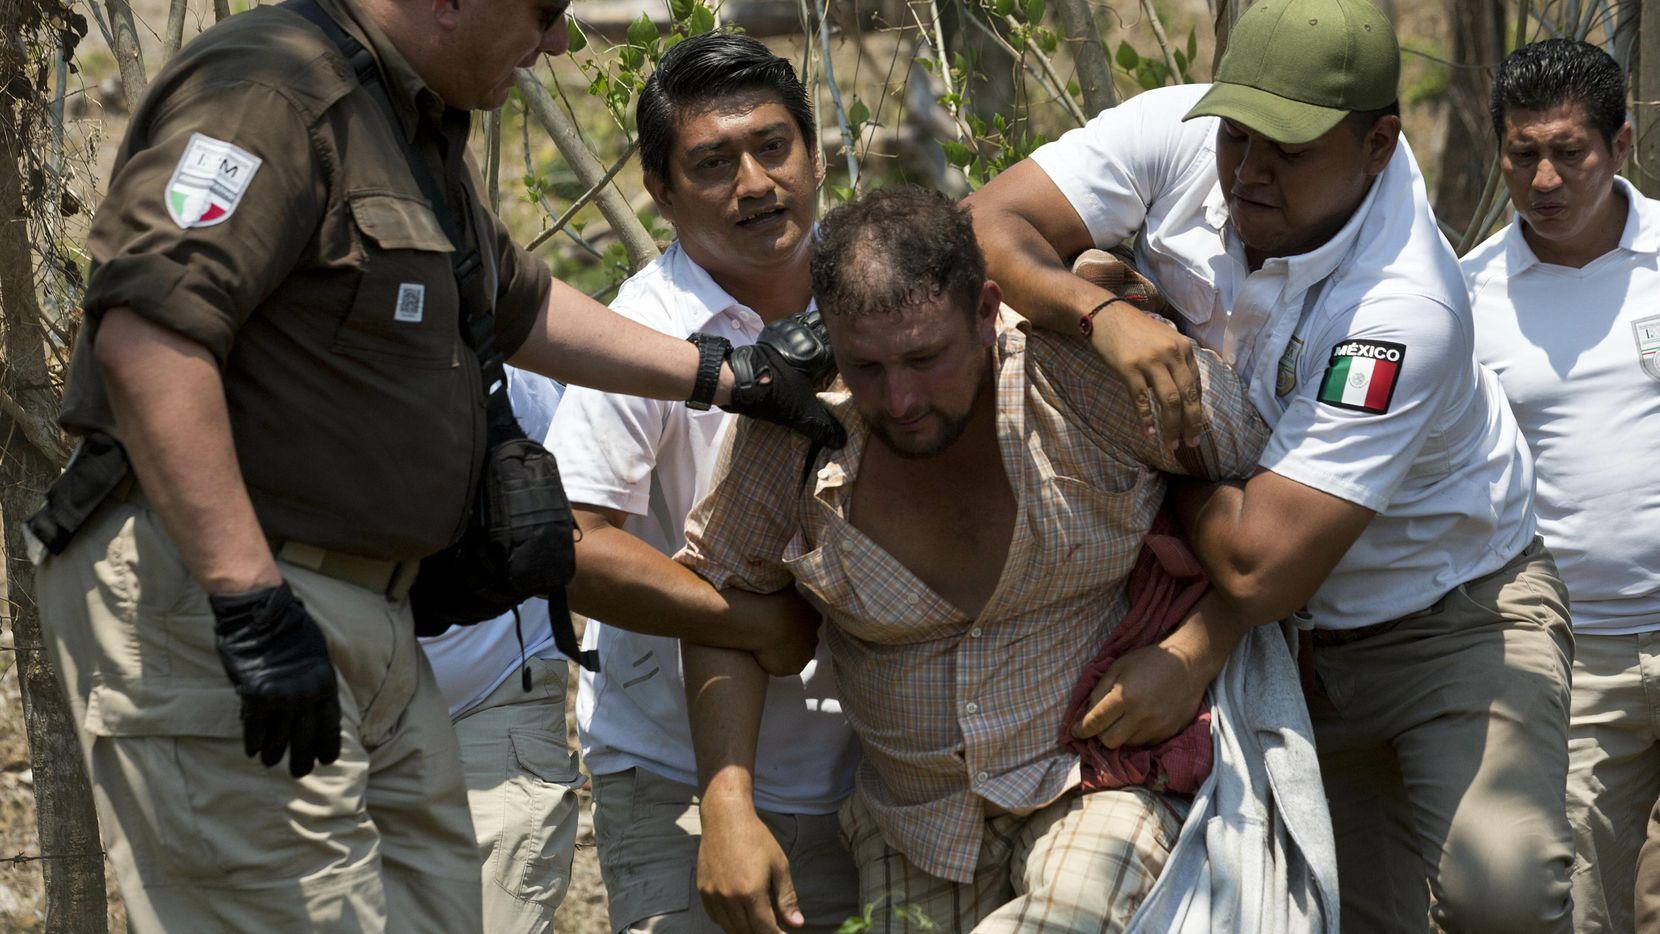 Un inmigrante es detenido por agentes de migración de México en Pijijiapan, Chiapas. (AP/Moises Castillo)